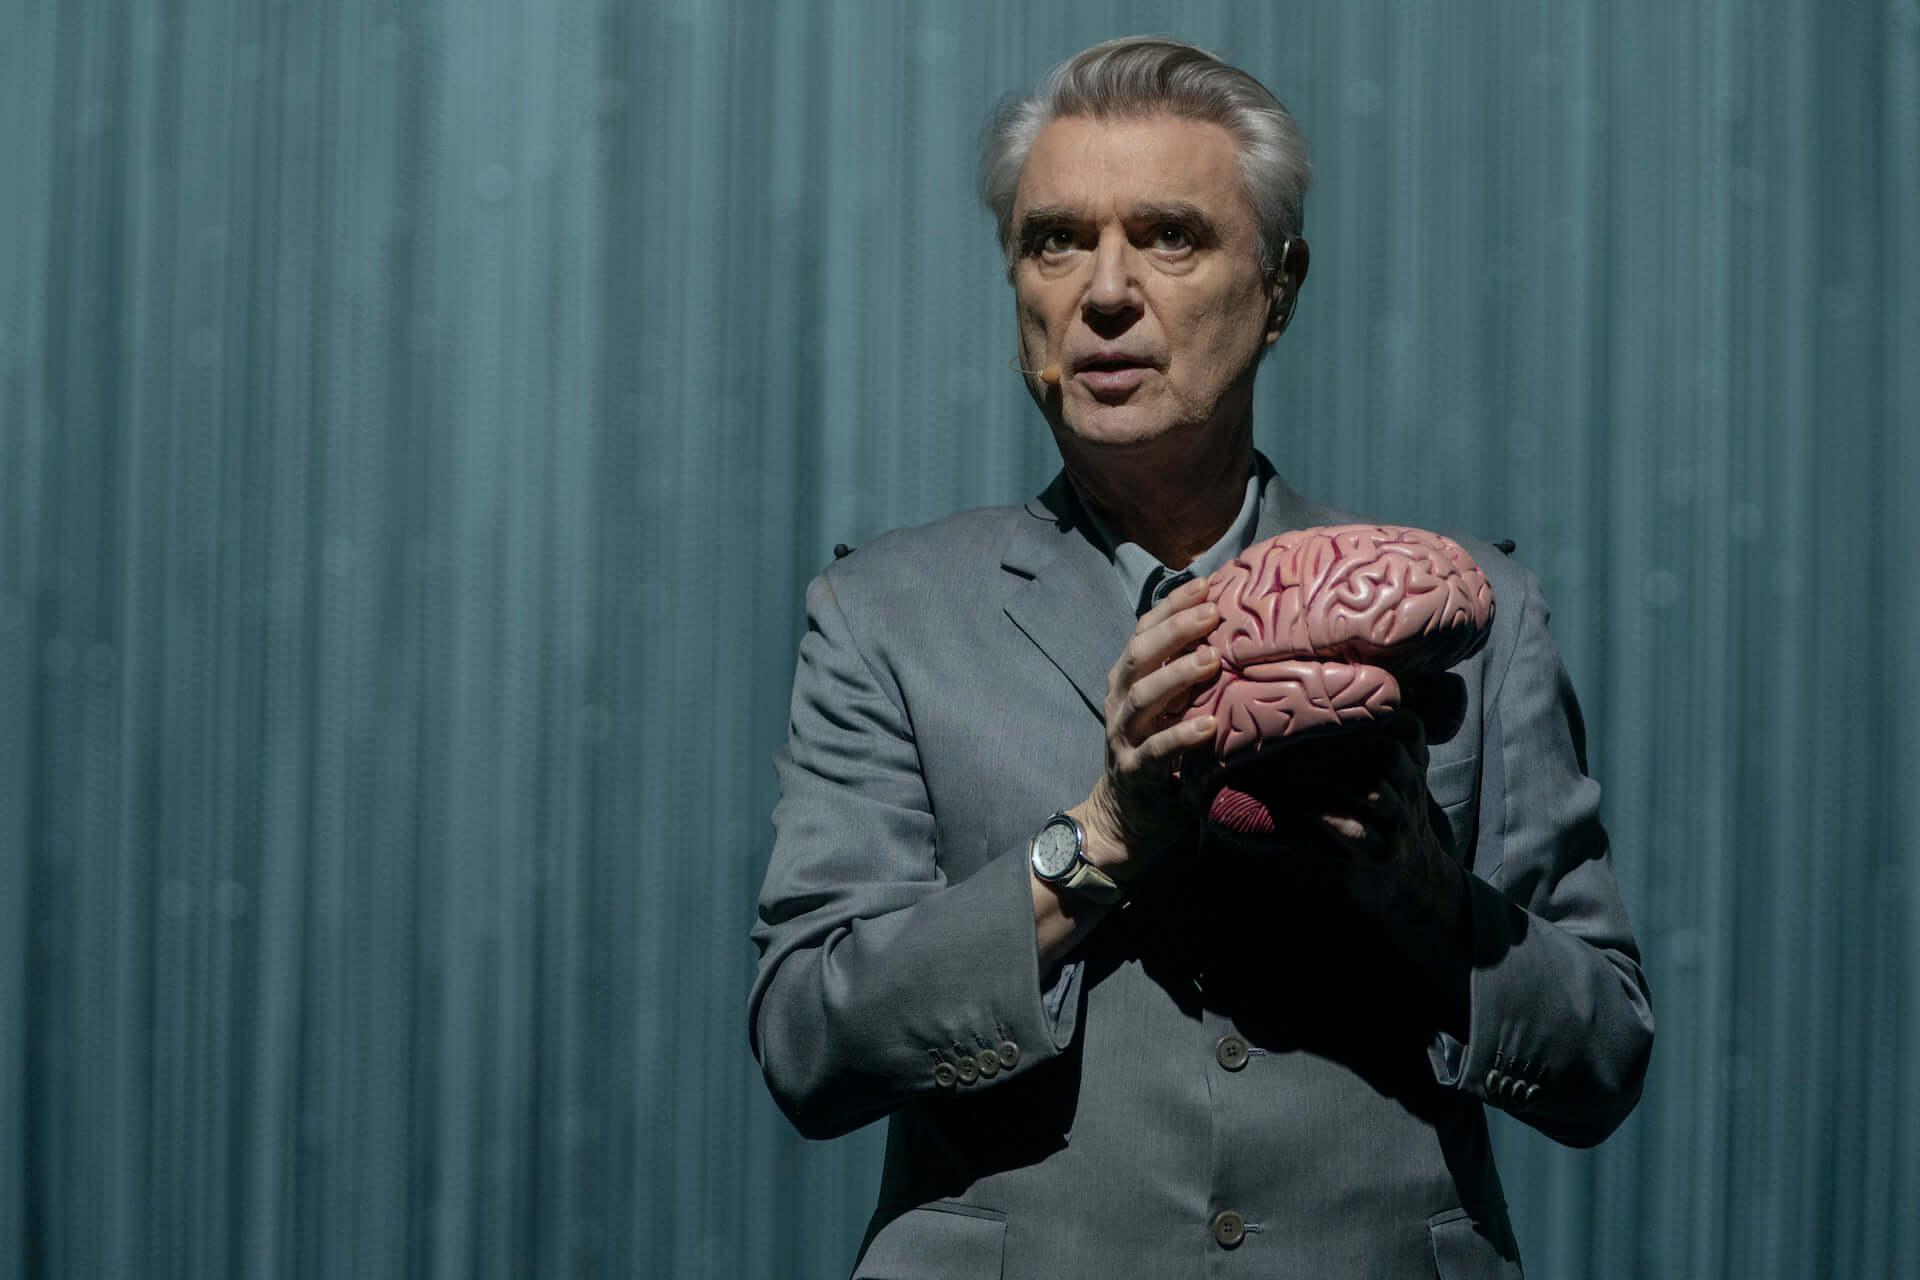 元Talking Heads・David Byrneとスパイク・リー監督のコラボ映画『アメリカン・ユートピア』が日本公開決定!字幕監修はピーター・バラカン film210310_americanutopia_5-1920x1280